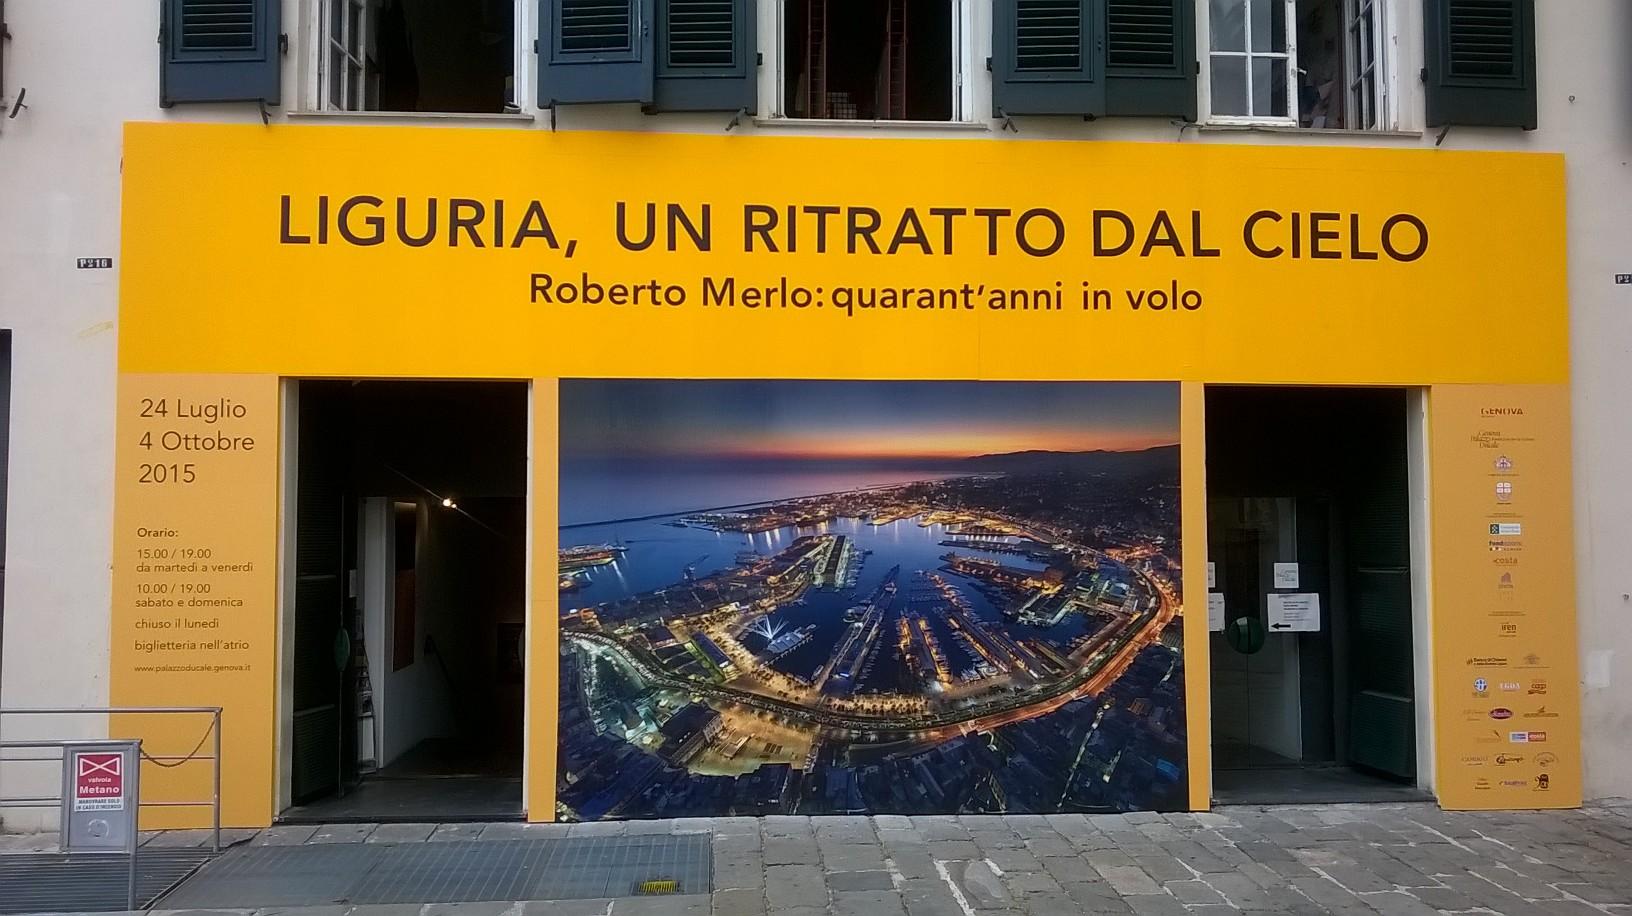 Liguria un ritratto dal cielo alla Loggia degli Abati